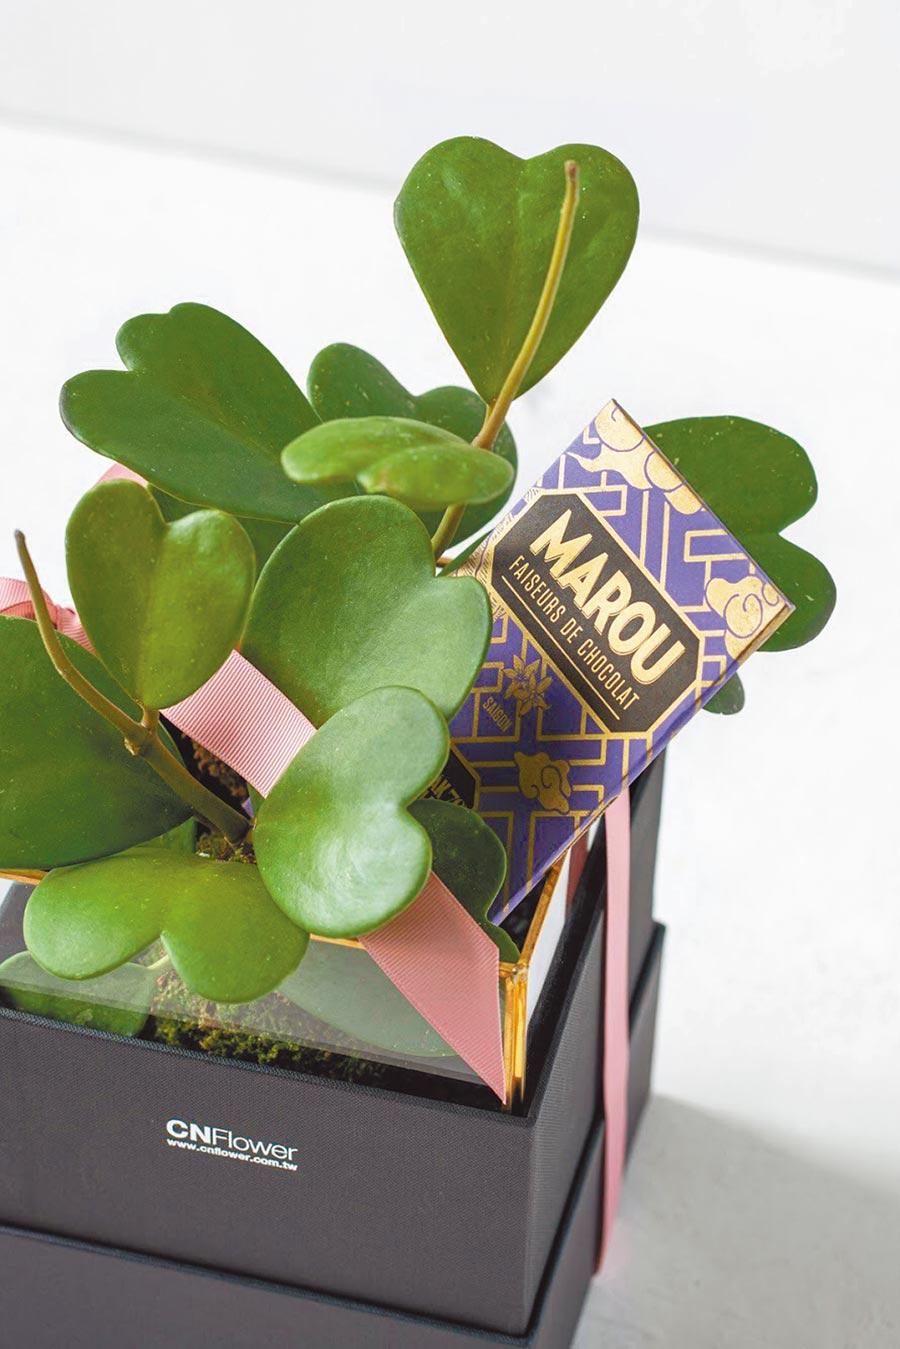 CNFlower x Marou心有所屬巧克力植栽禮盒,心葉毬蘭植栽+多樂70%黑巧克力Bar,原價2500元、特價2280元。(CNFlower提供)